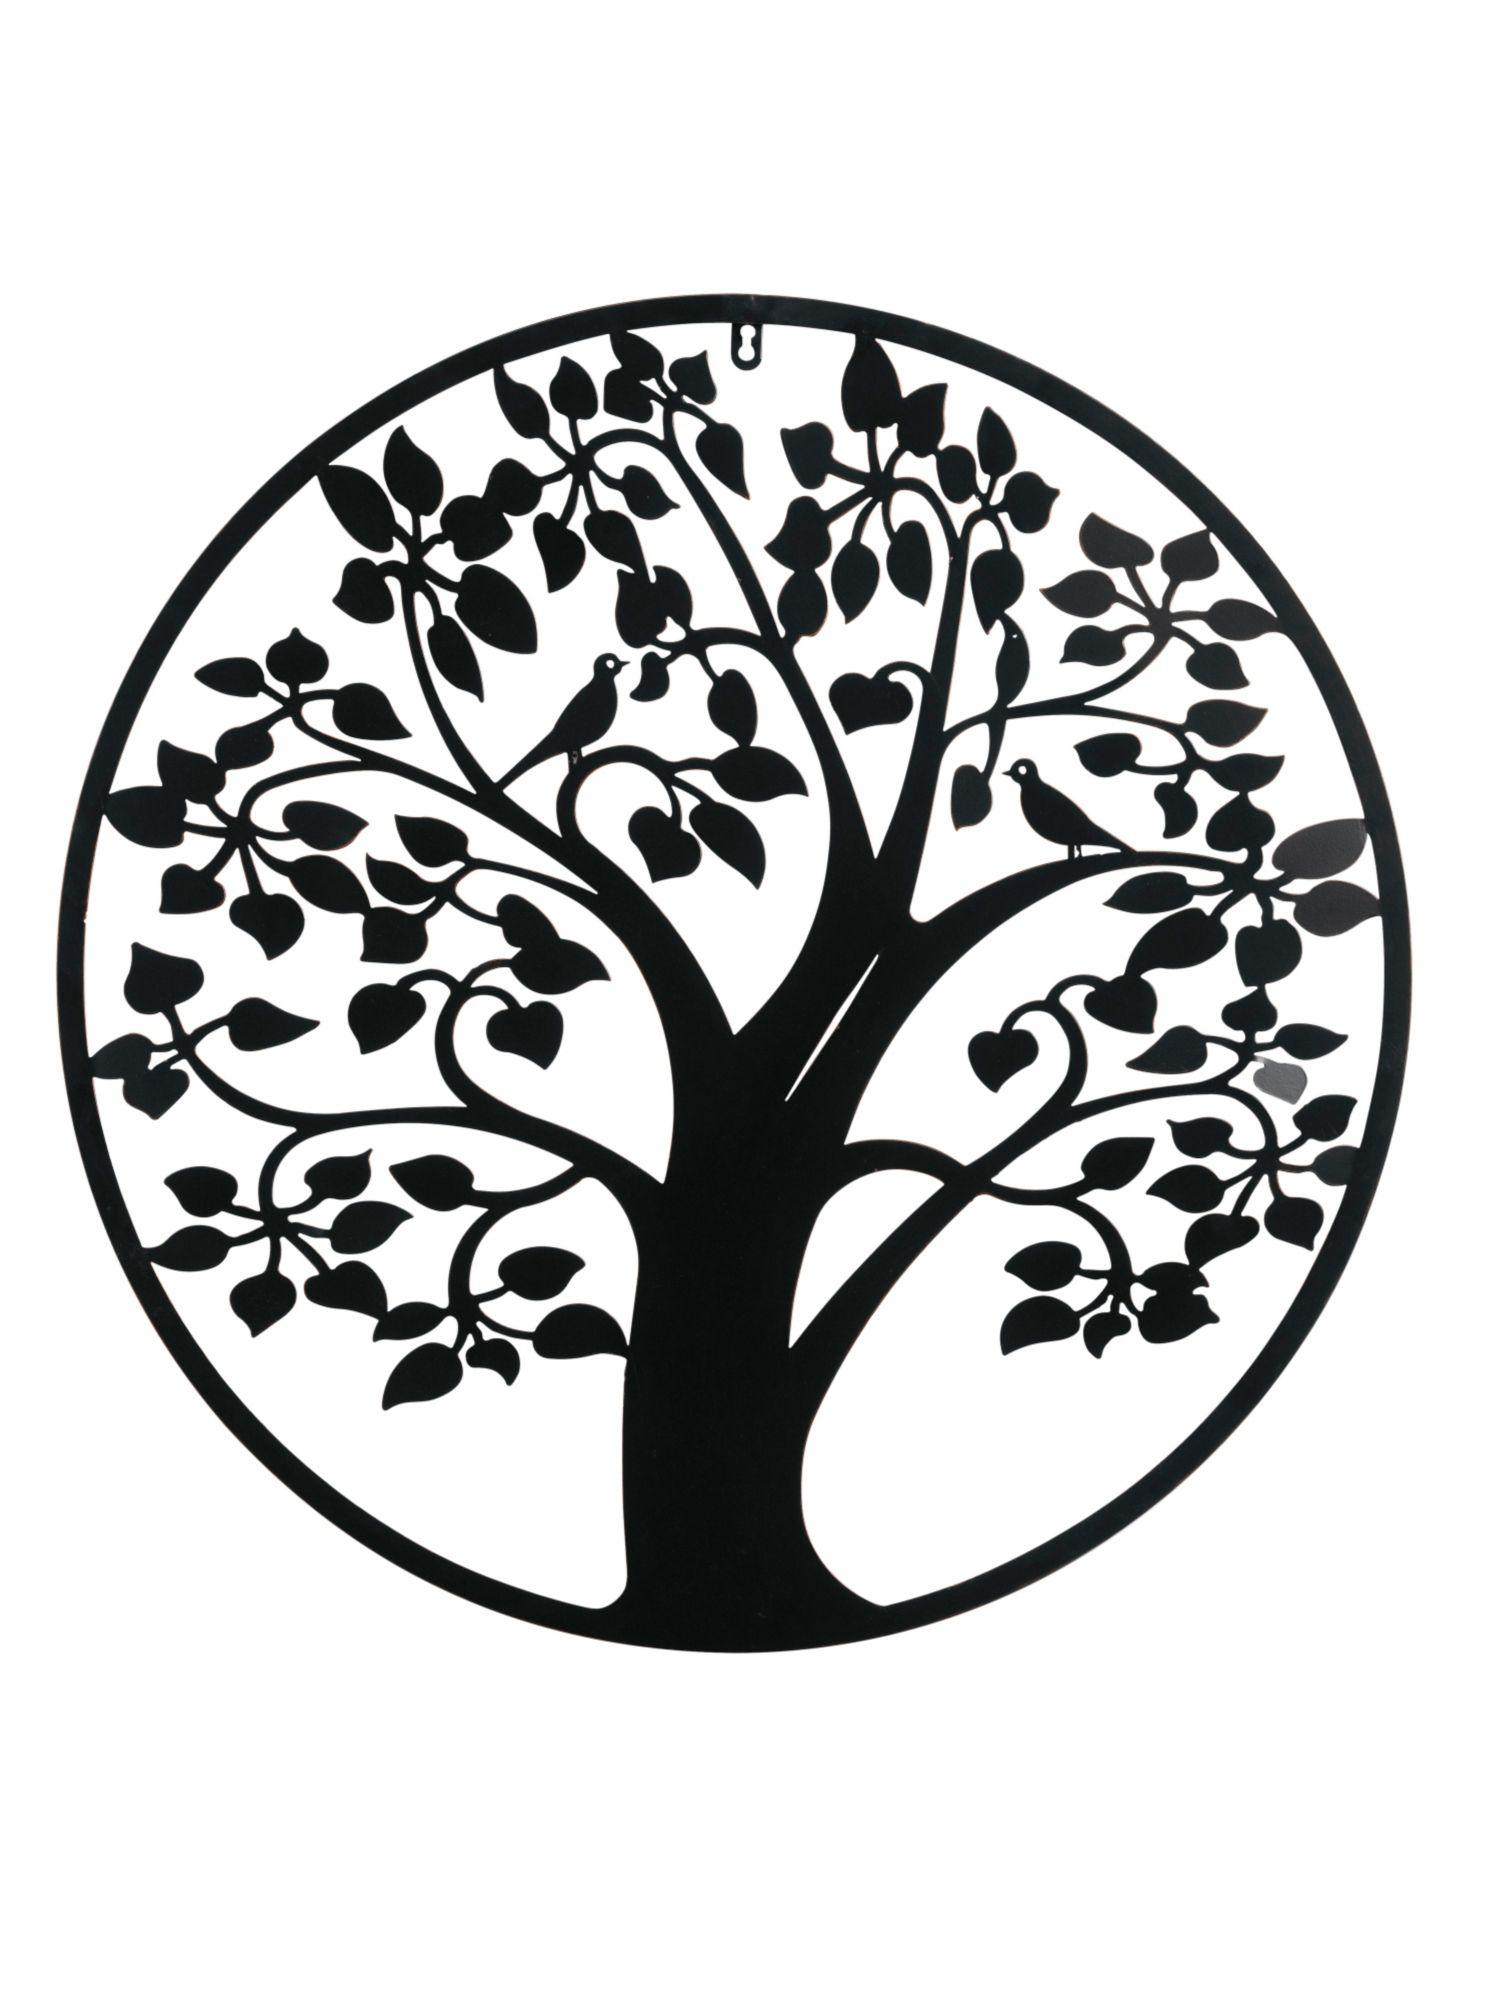 wanddeko baum günstig online kaufen beim schwab versand - Deko Baum Wand